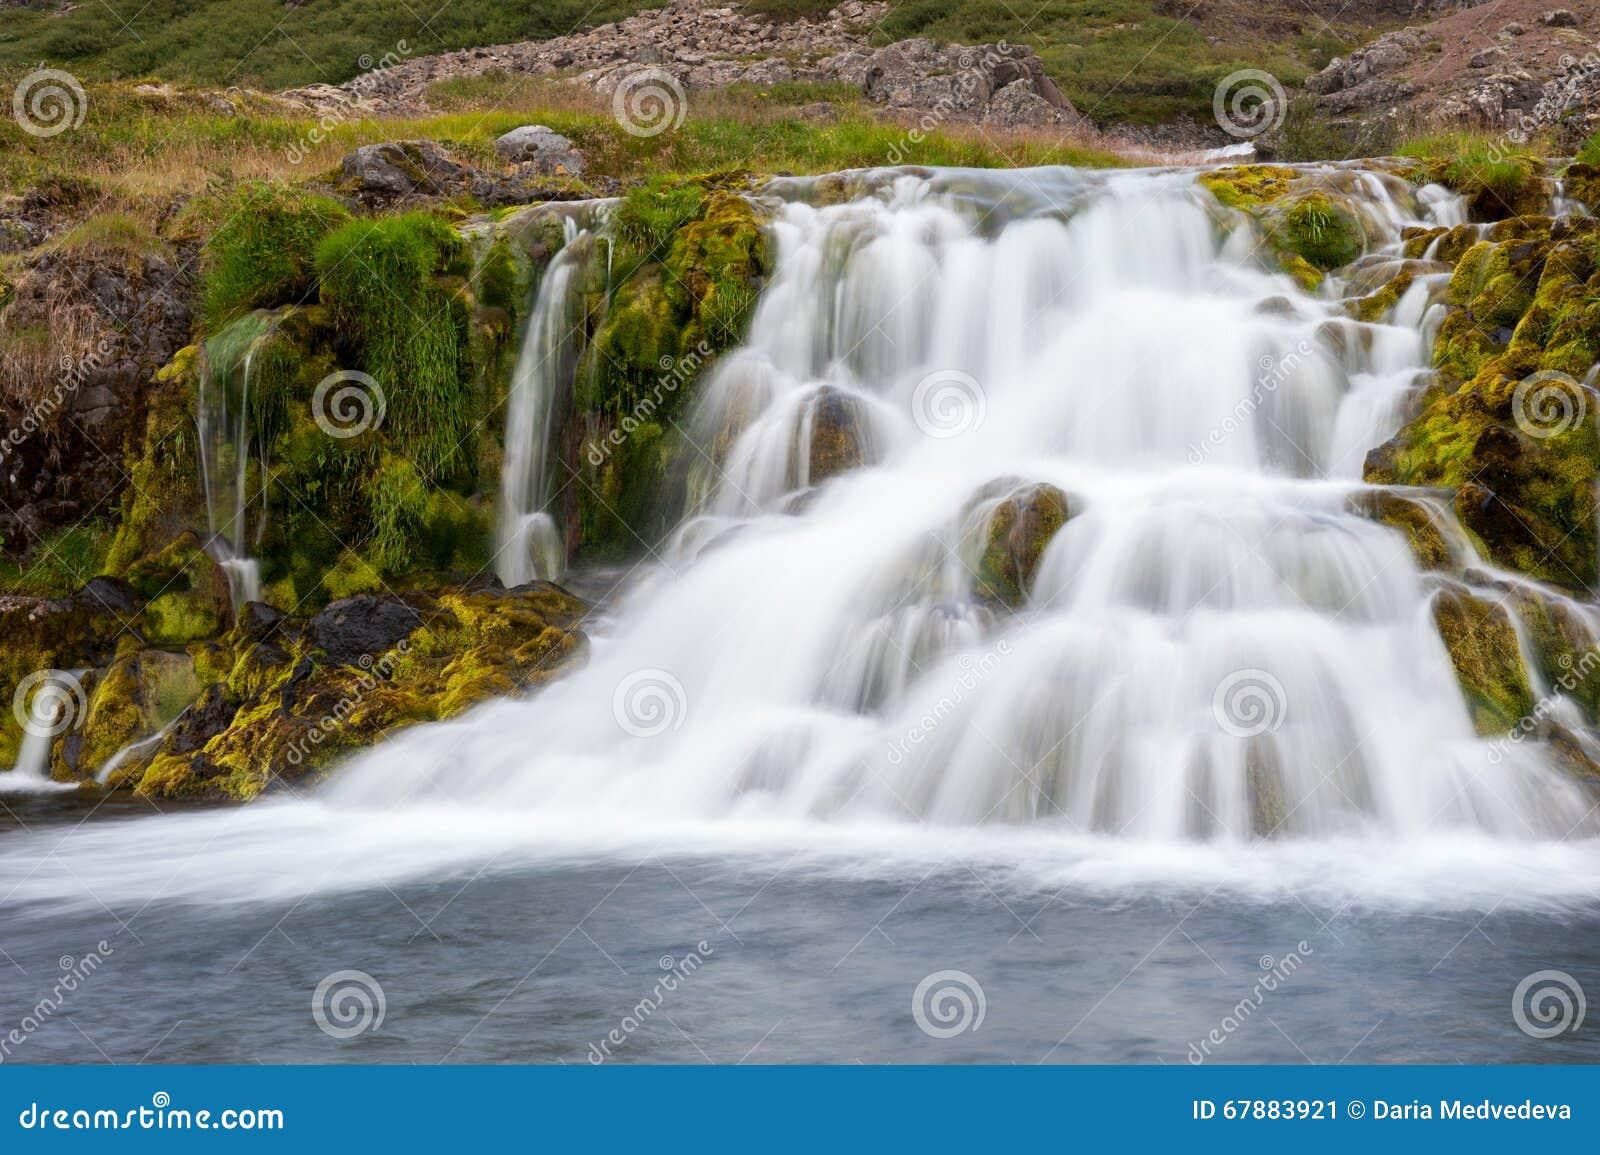 Cachoeira bonita da cascata, parte da cachoeira de Dynjandi, exposição longa, Islândia